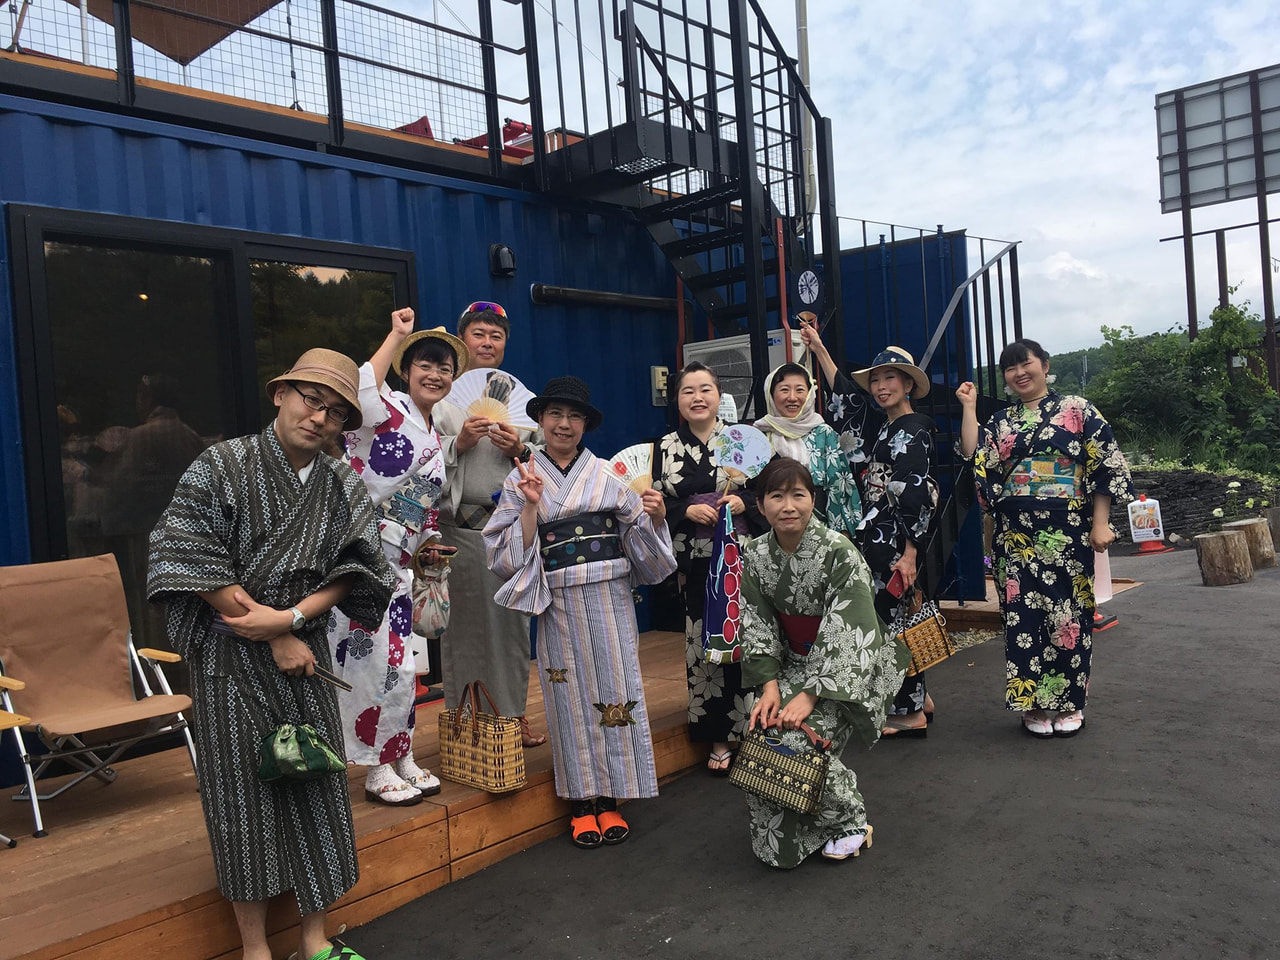 旭川きもの部さんのイベントが開催されました!